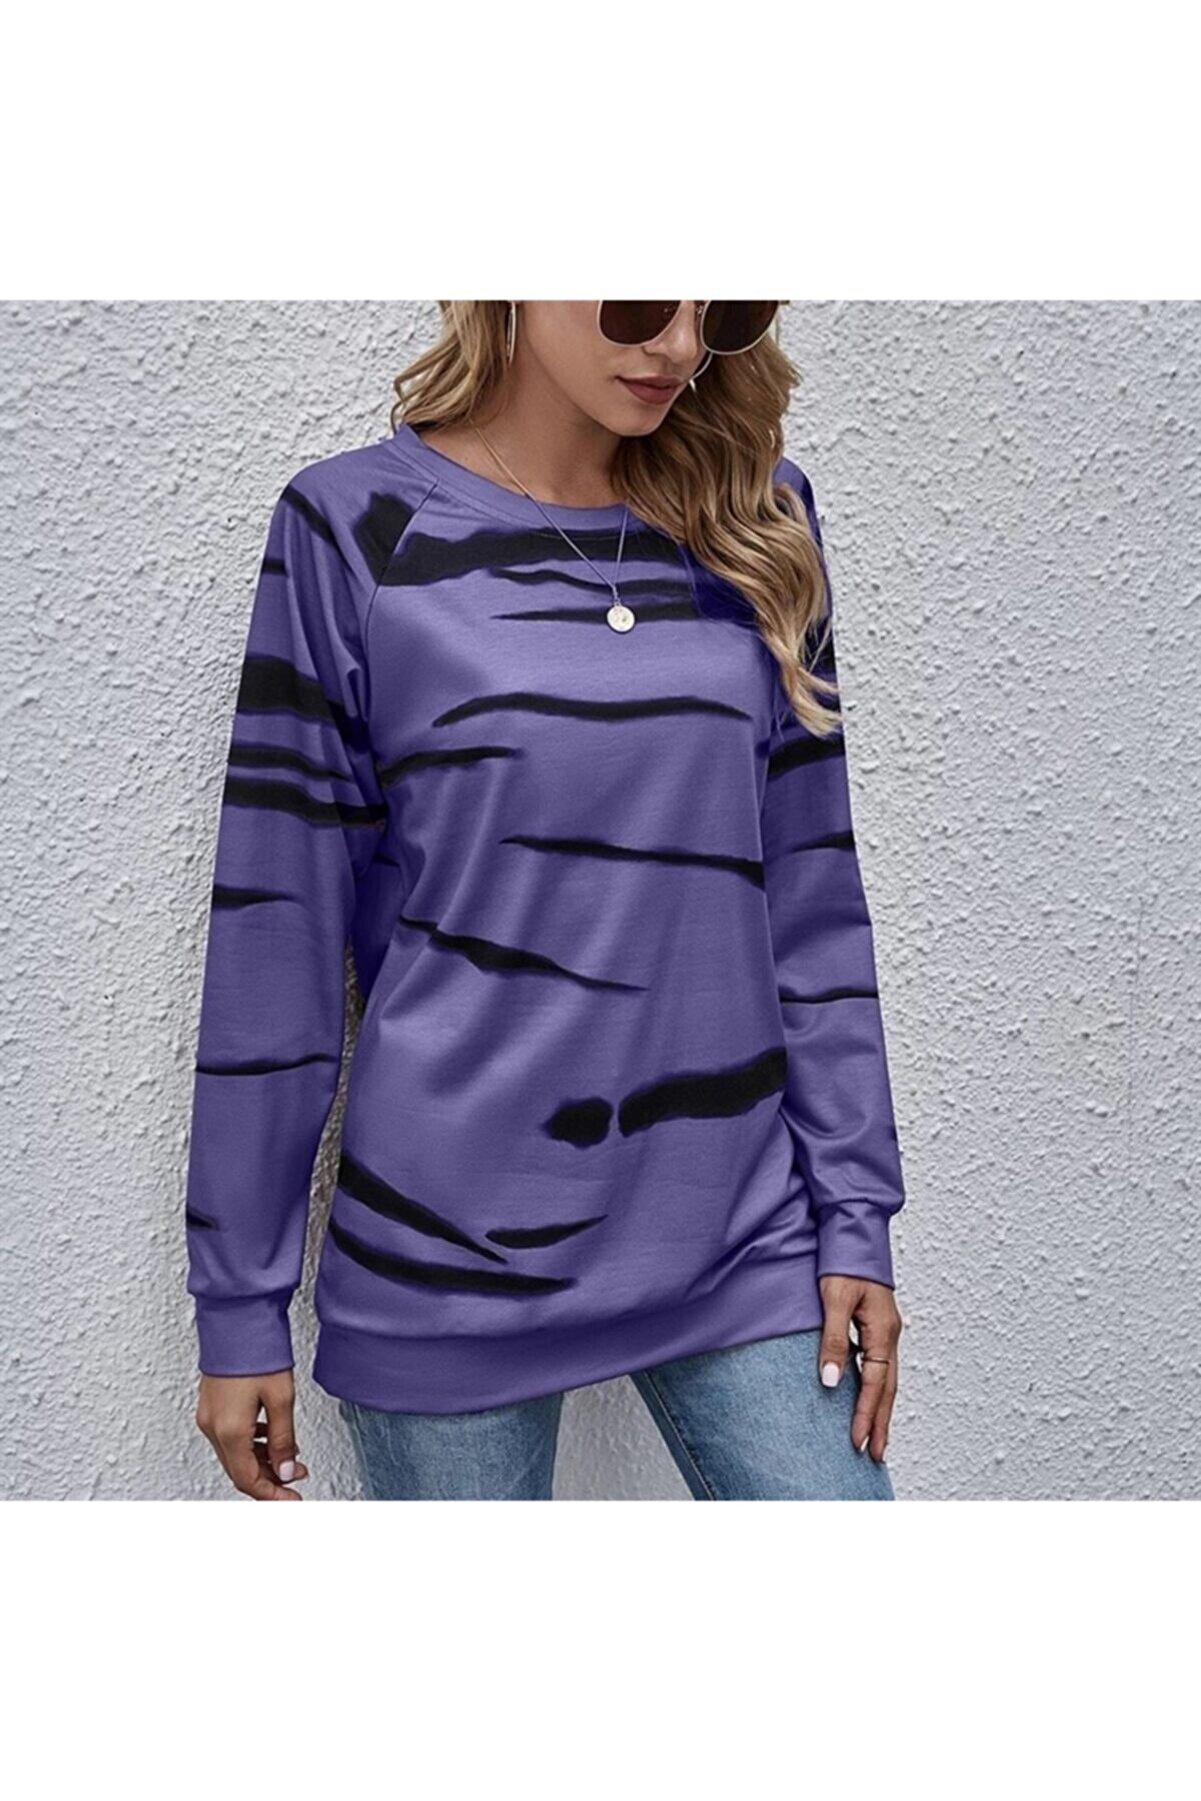 JANES Kadın Mor Dijital Baskılı Dalgıç Kumaş Bluz